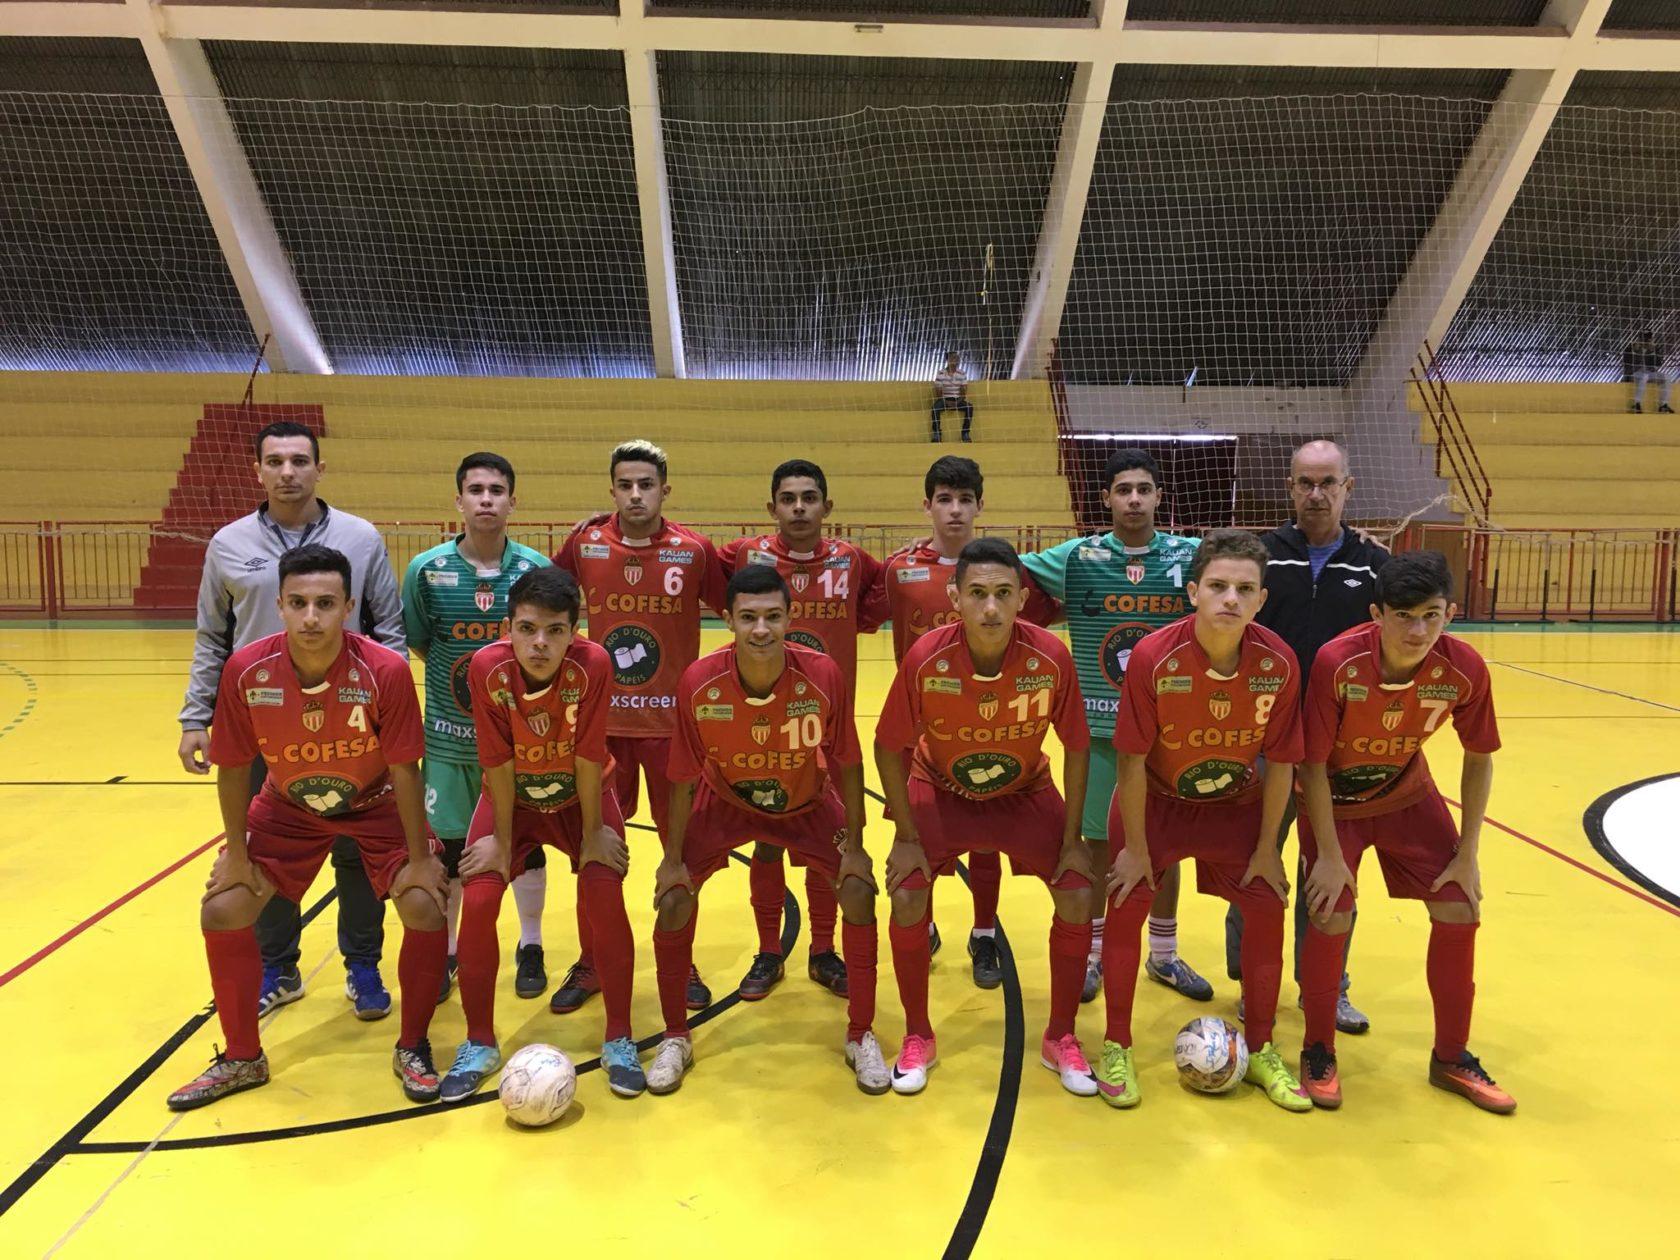 Futsal de Itararé (SP) disputa segunda fase dos Jogos Abertos da Juventude